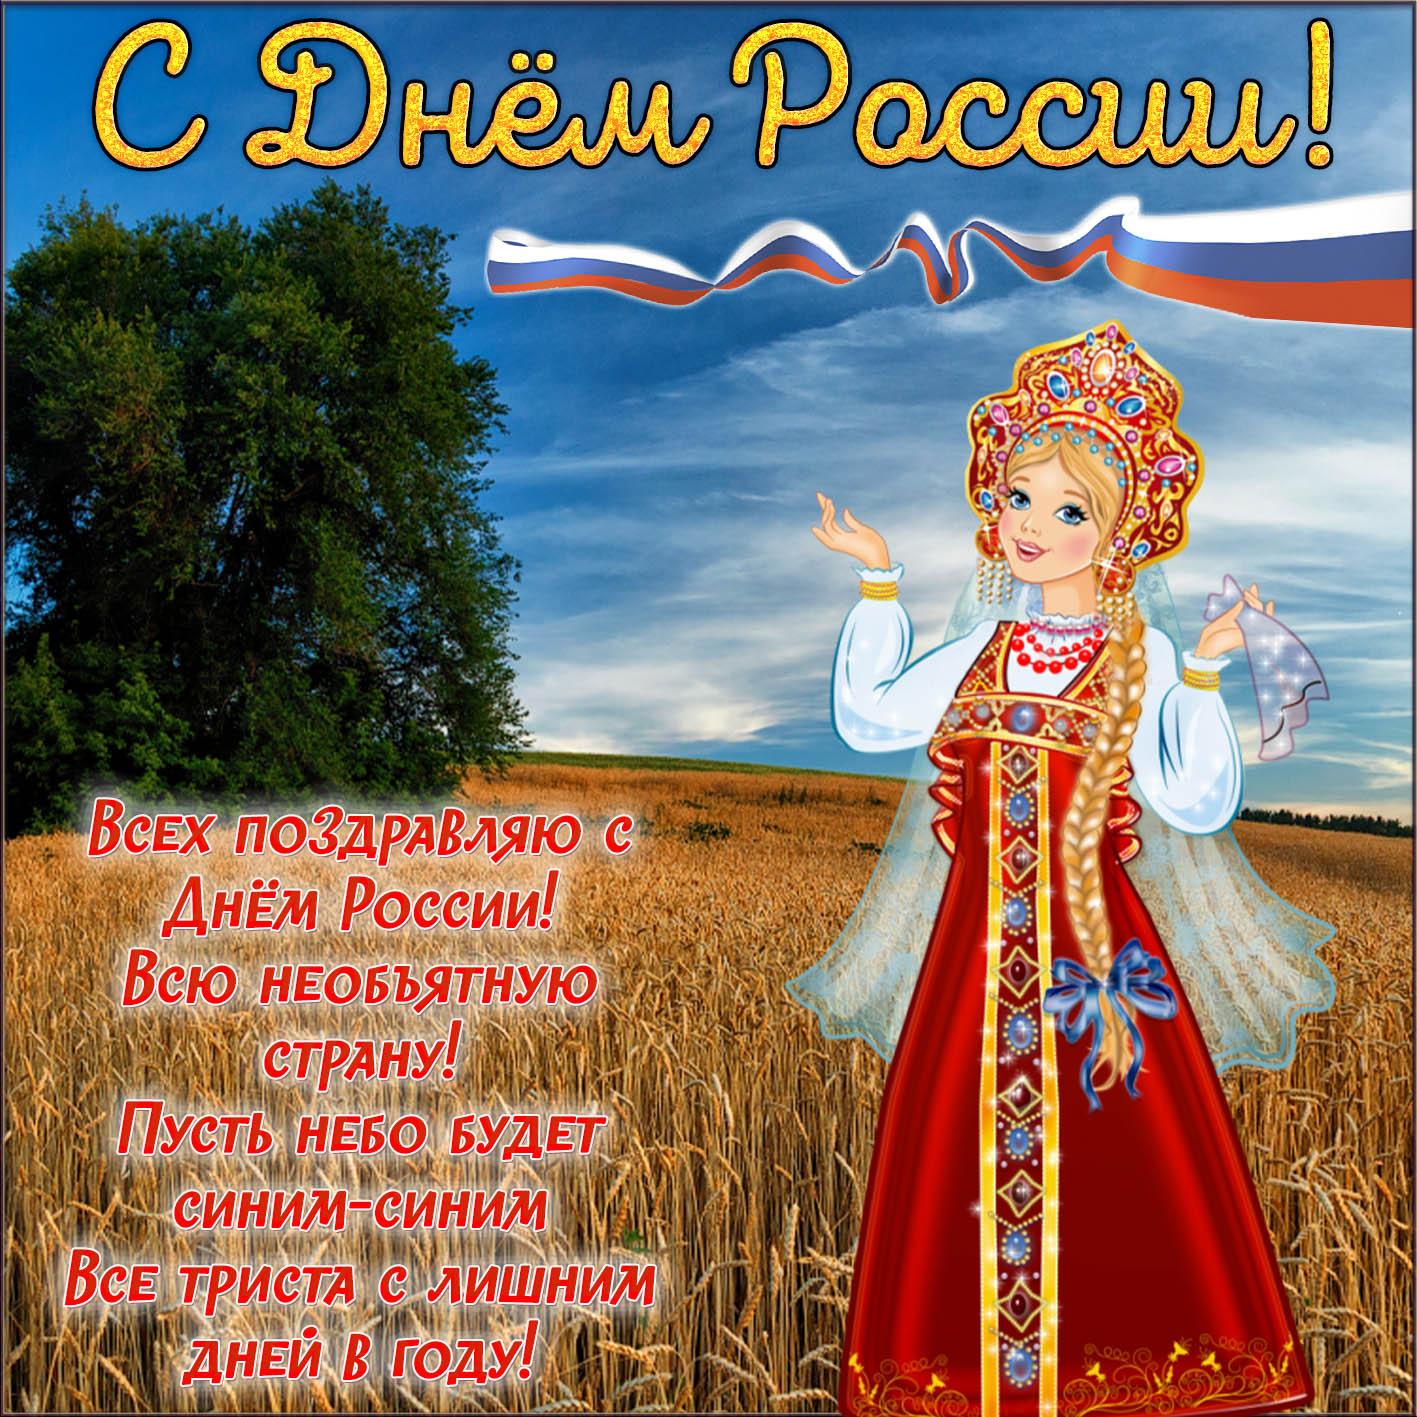 Картинка на День России с русской девушкой в поле